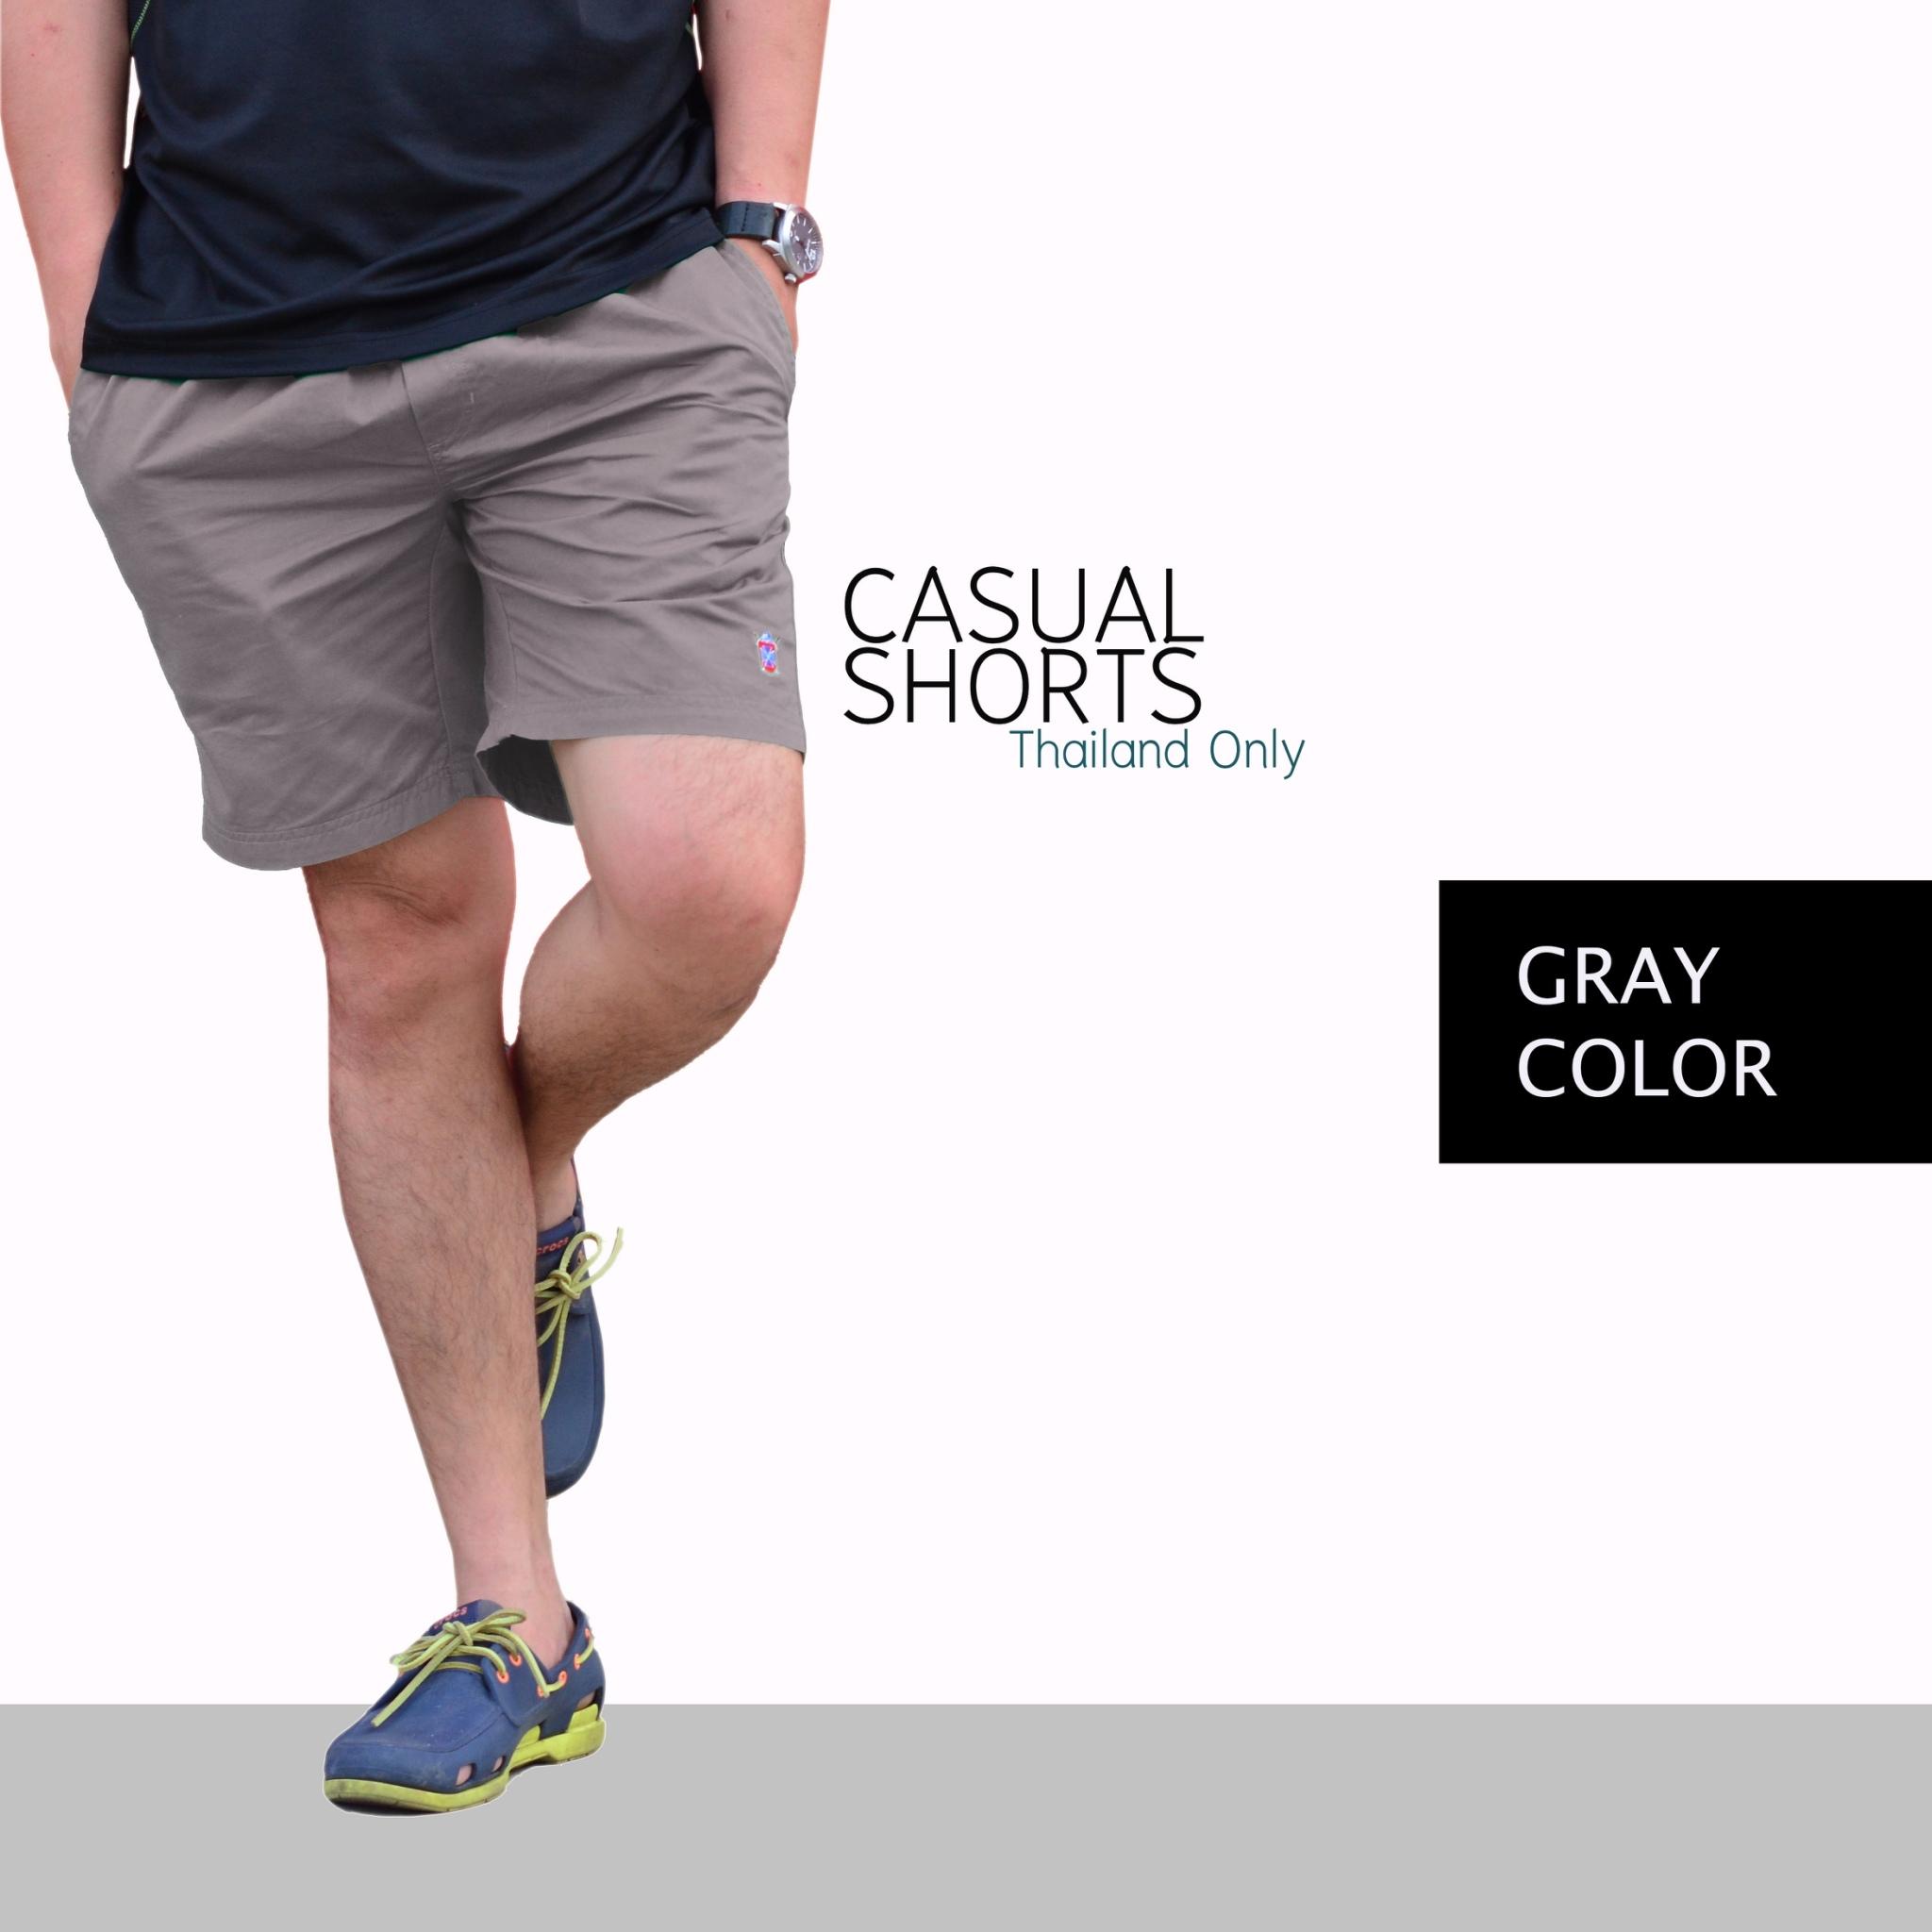 กางเกงขาสั้น BFactory (สีเทาเข้ม) - ไซส์ S